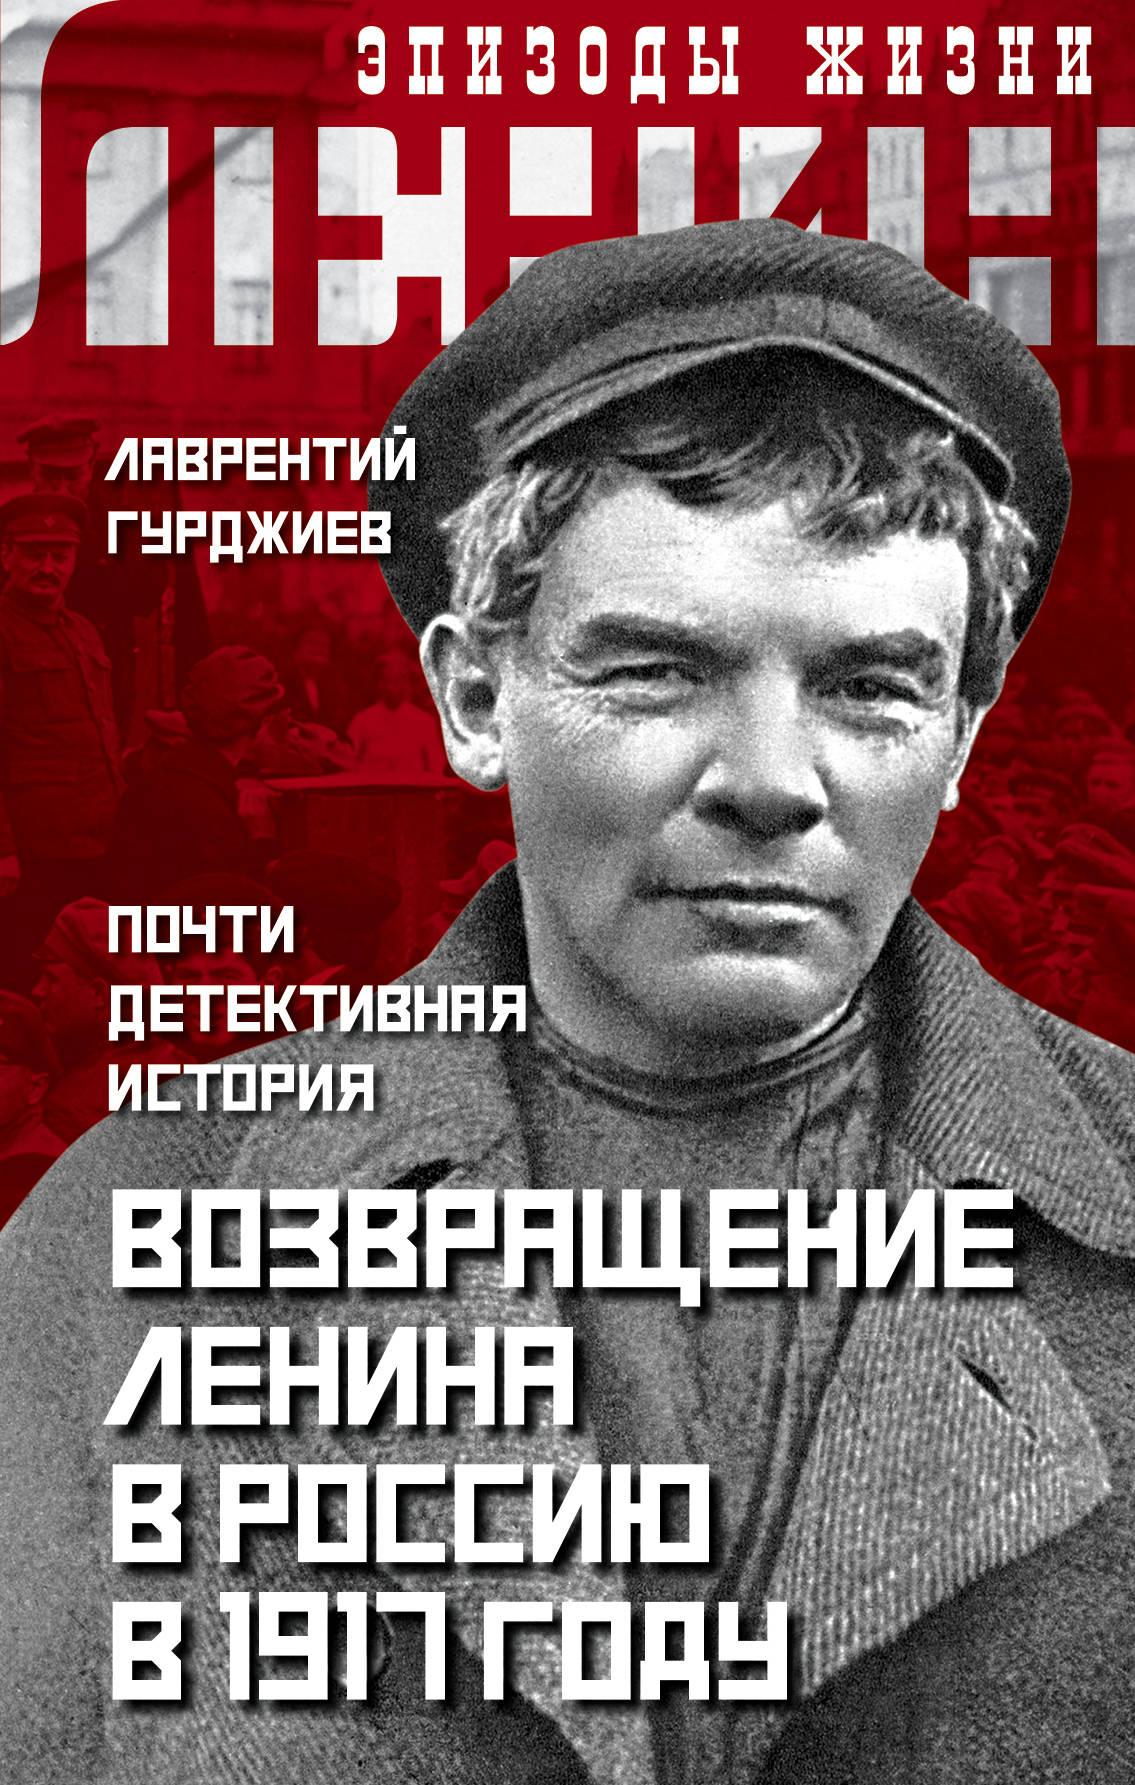 Vozvraschenie Lenina v Rossiju v 1917 godu. Pochti detektivnaja istorija